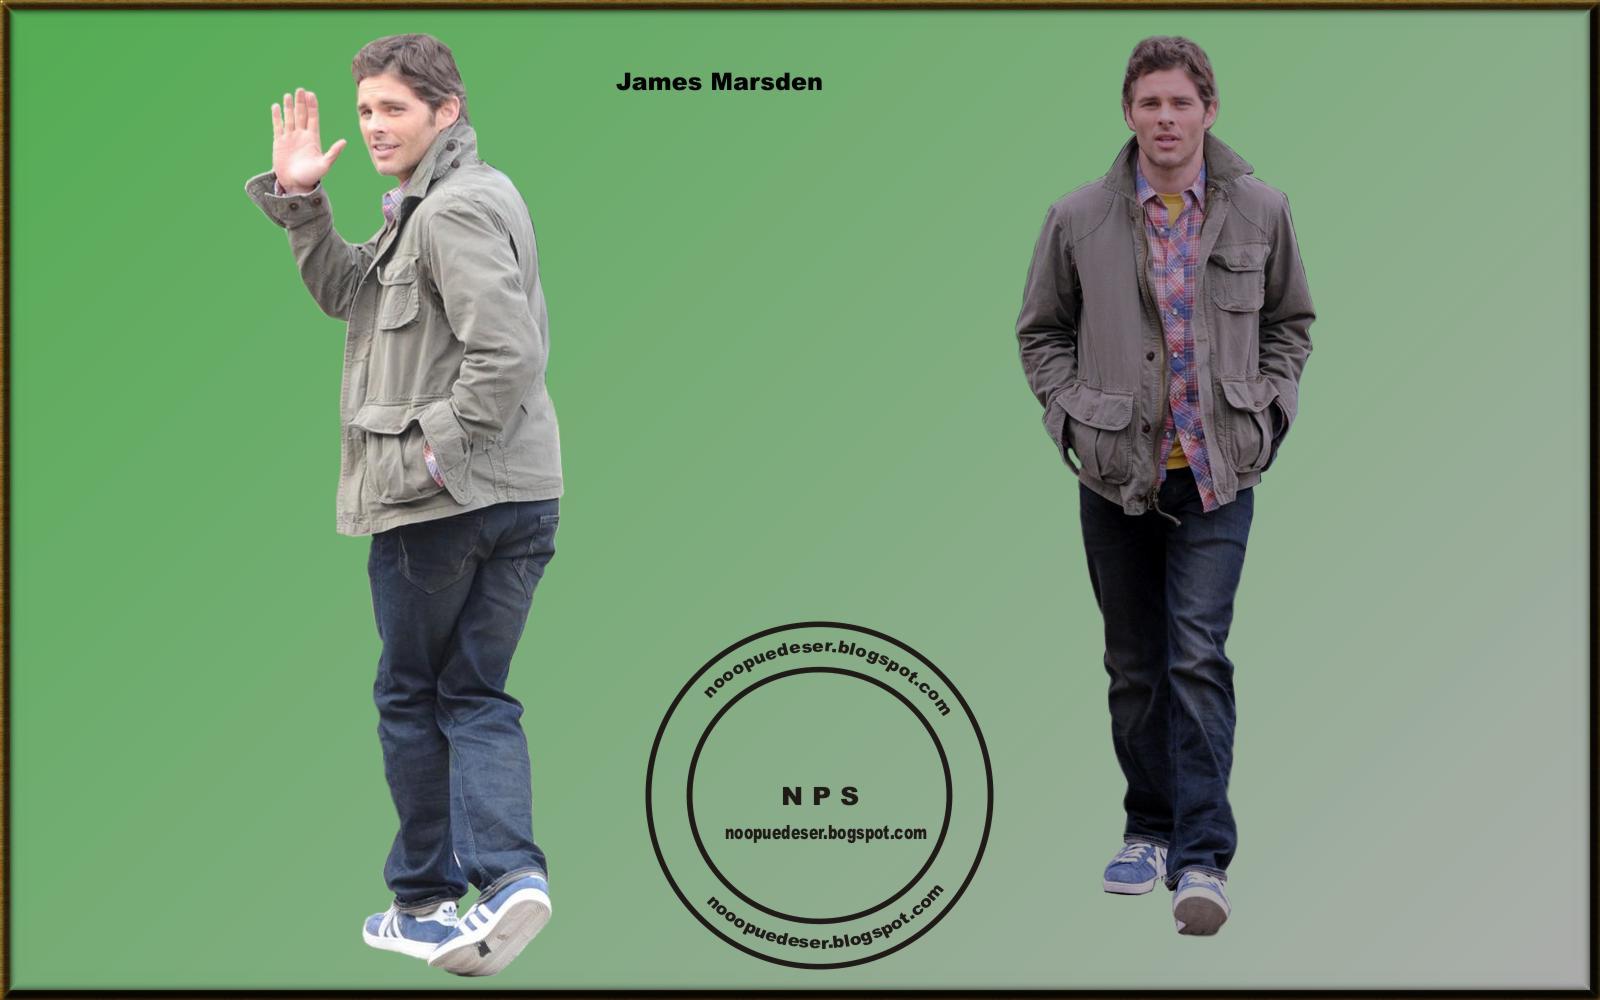 http://1.bp.blogspot.com/-Mxfqnv2X0qE/T2YV7XmjhMI/AAAAAAAAL1A/rJjLU561Kes/s1600/james-marsden-new-york-06.jpg